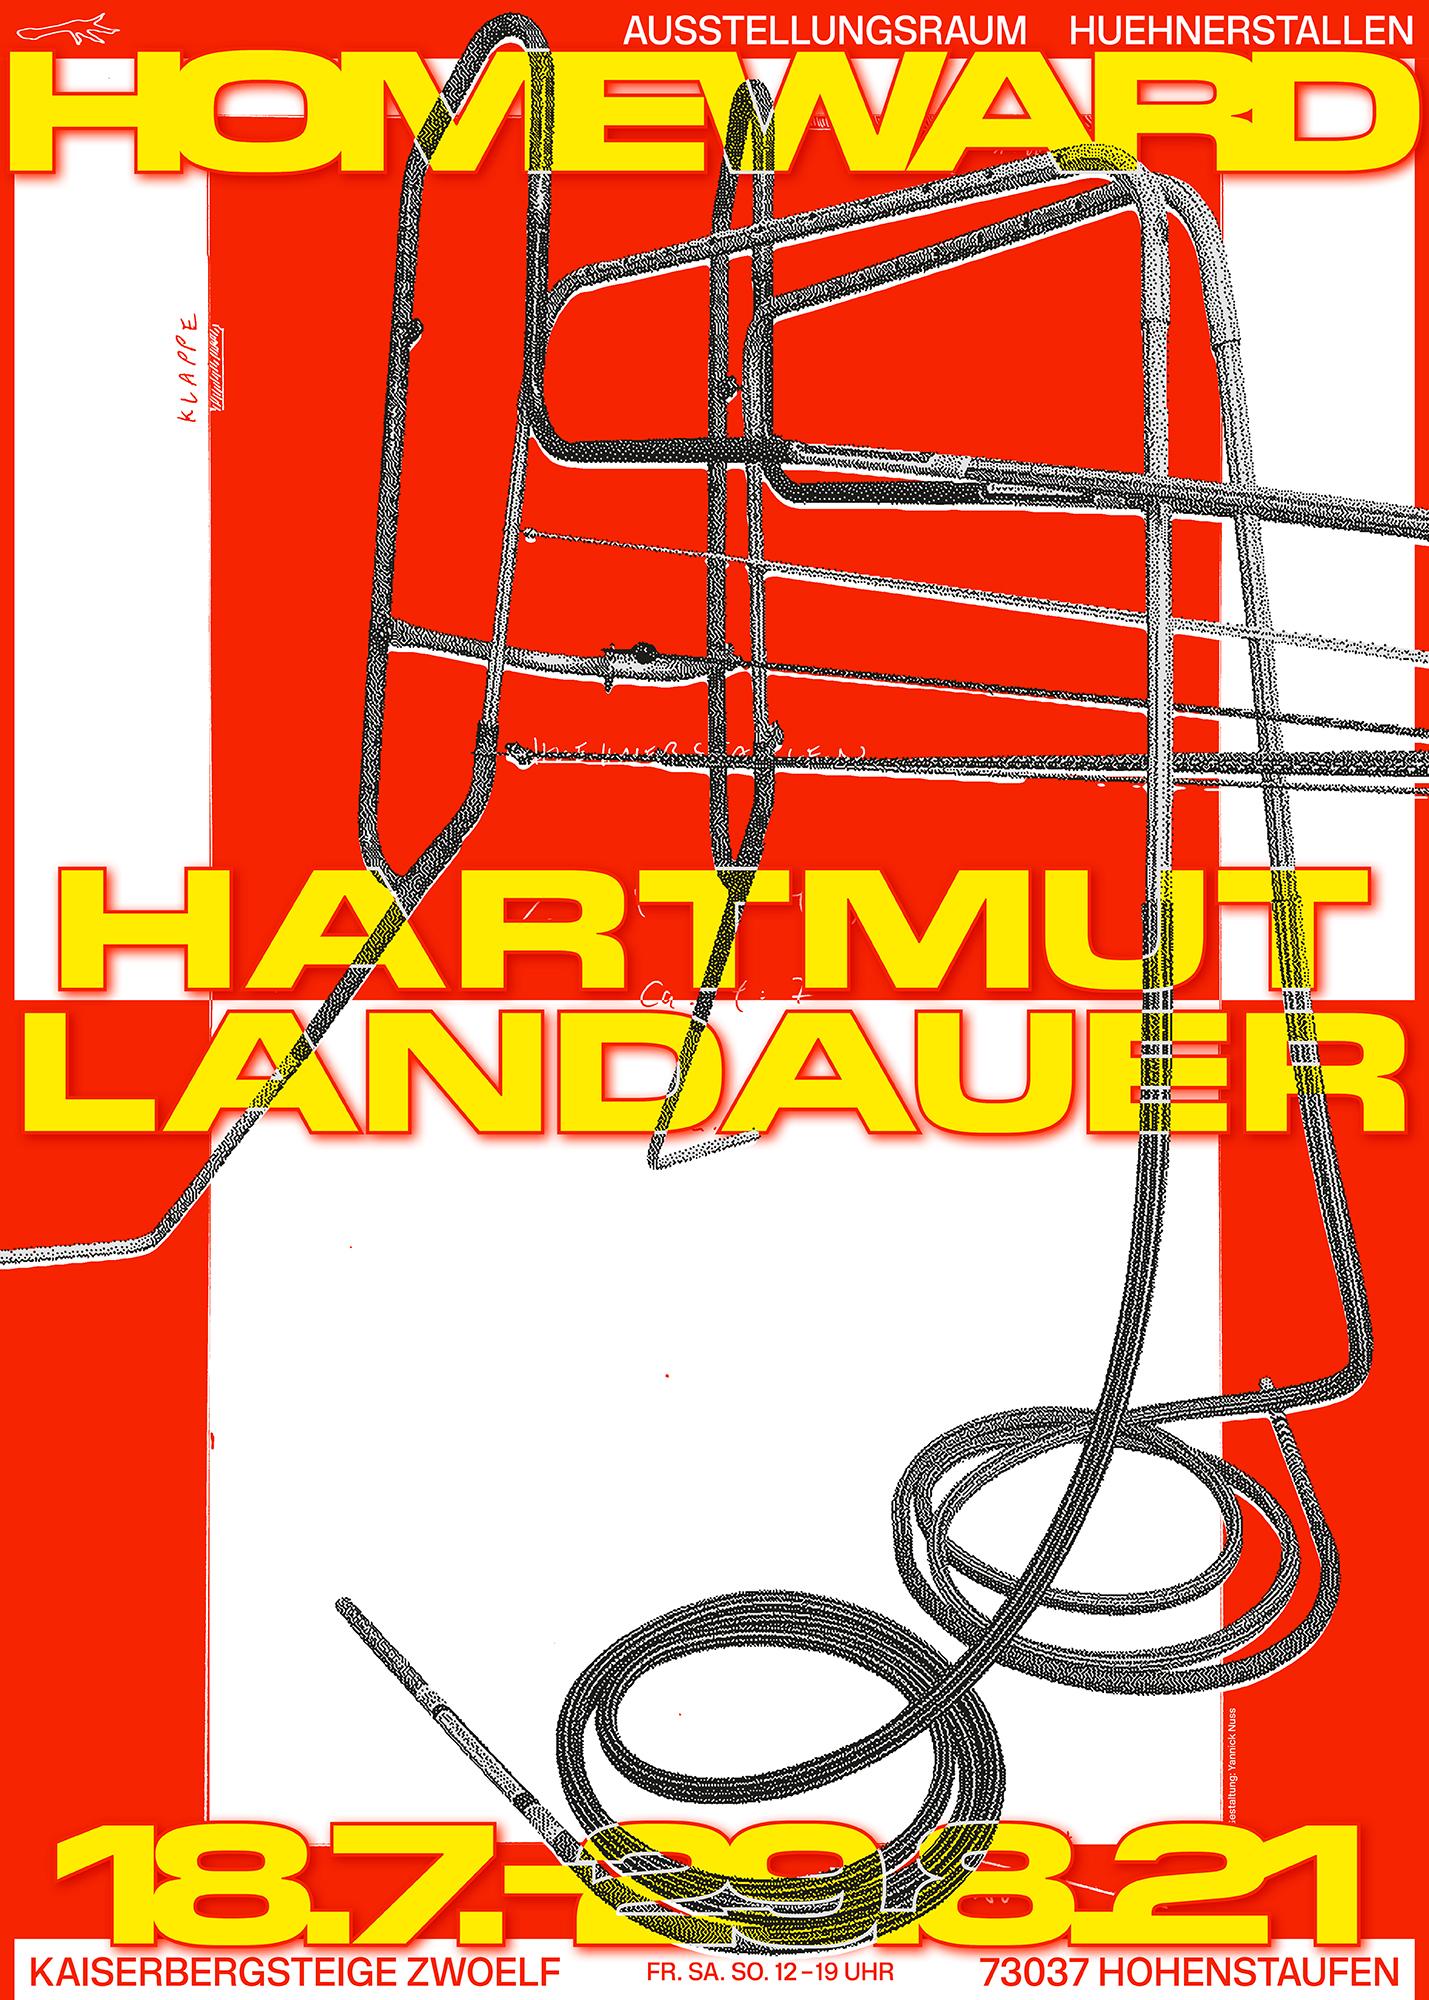 HARTMUT_LANDAUER